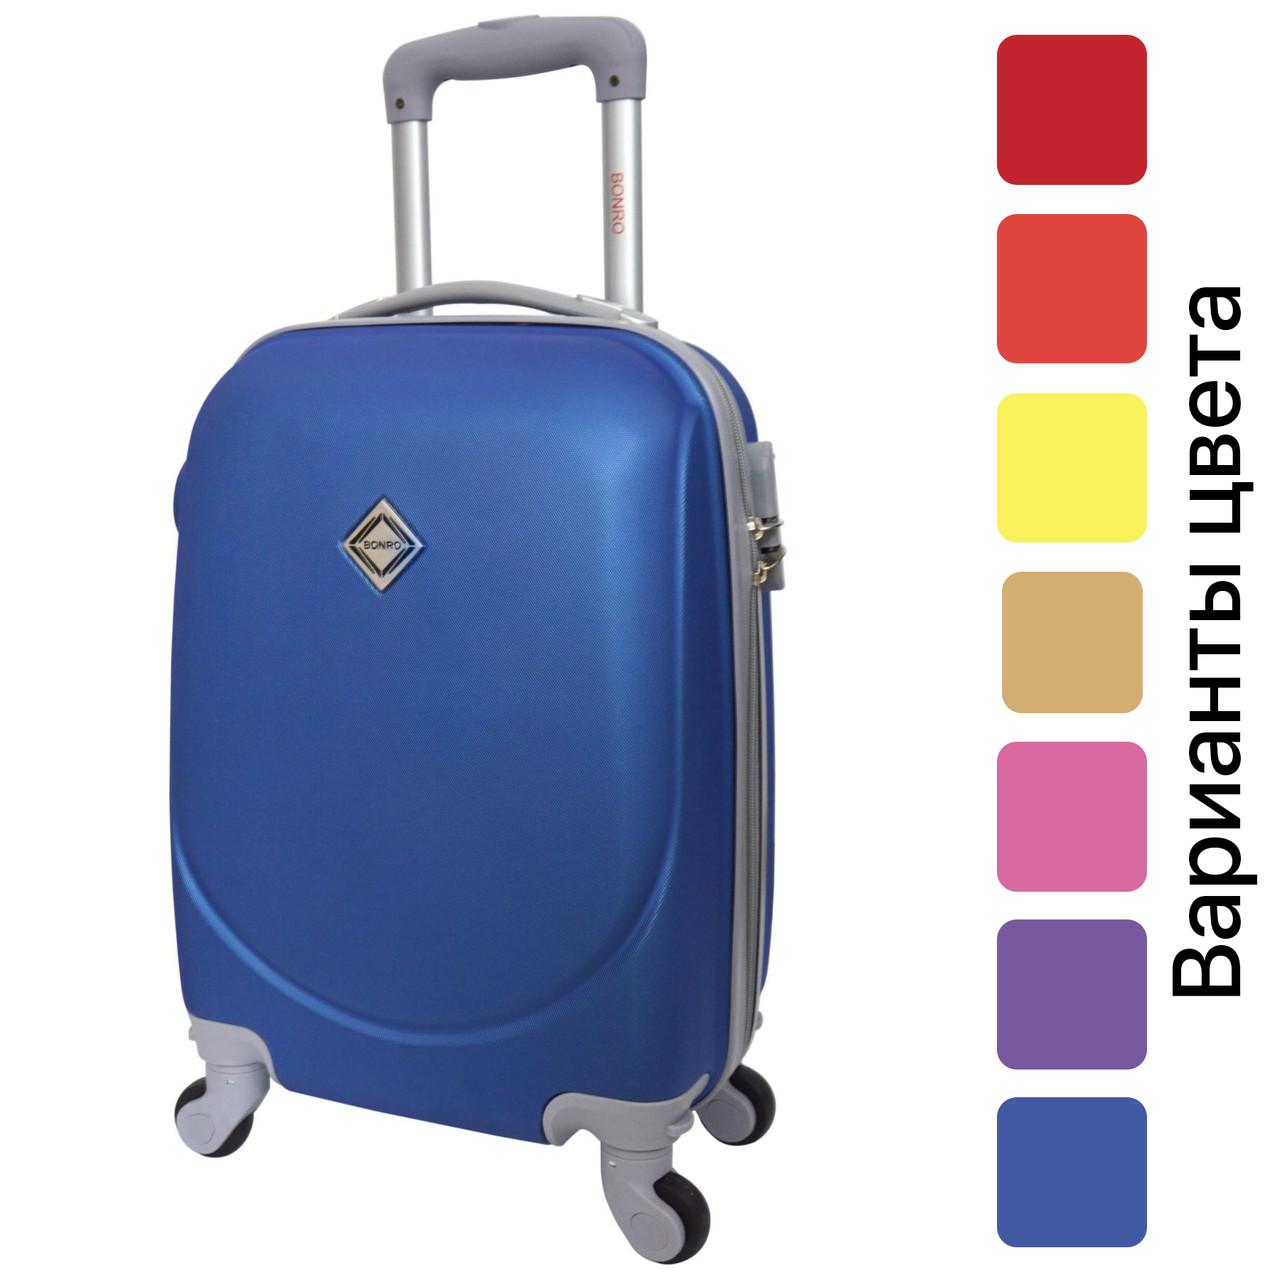 Дорожный чемодан ручная кладь Bonro Smile мини (дорожня валіза ручна поклажа Бонро Смайл міні) Синий